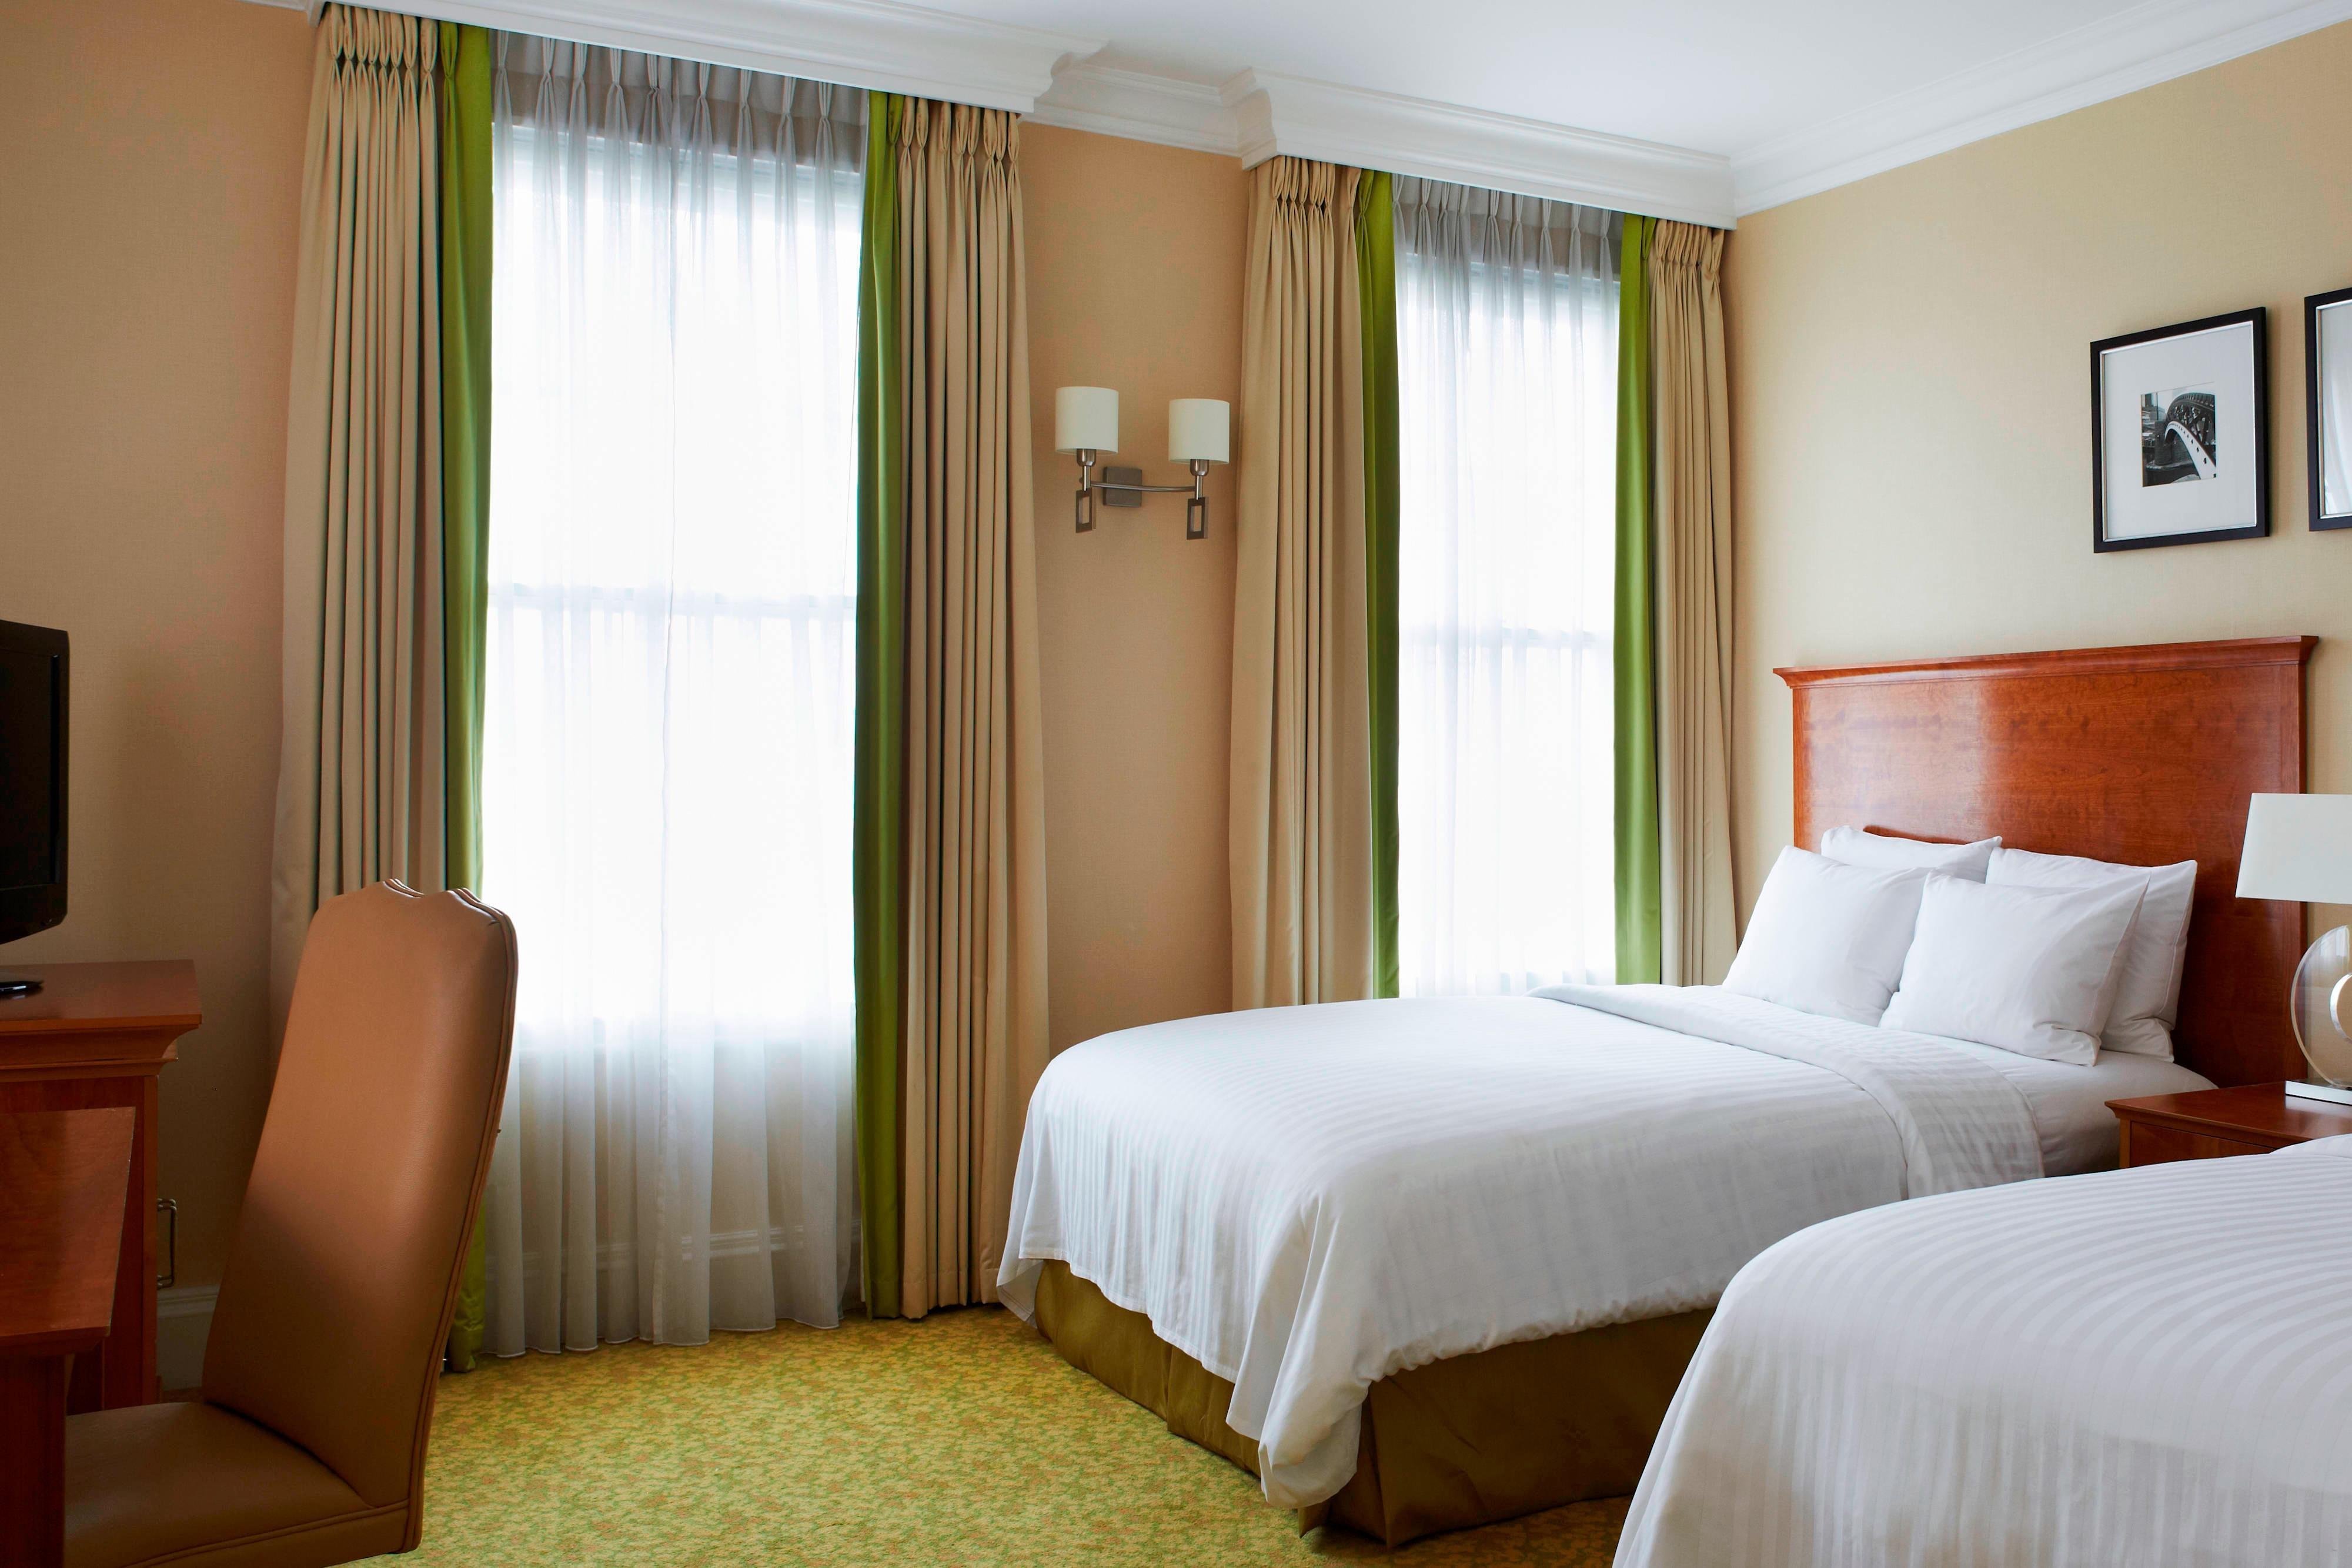 Deluxe-Gästezimmer mit zwei Doppelbetten